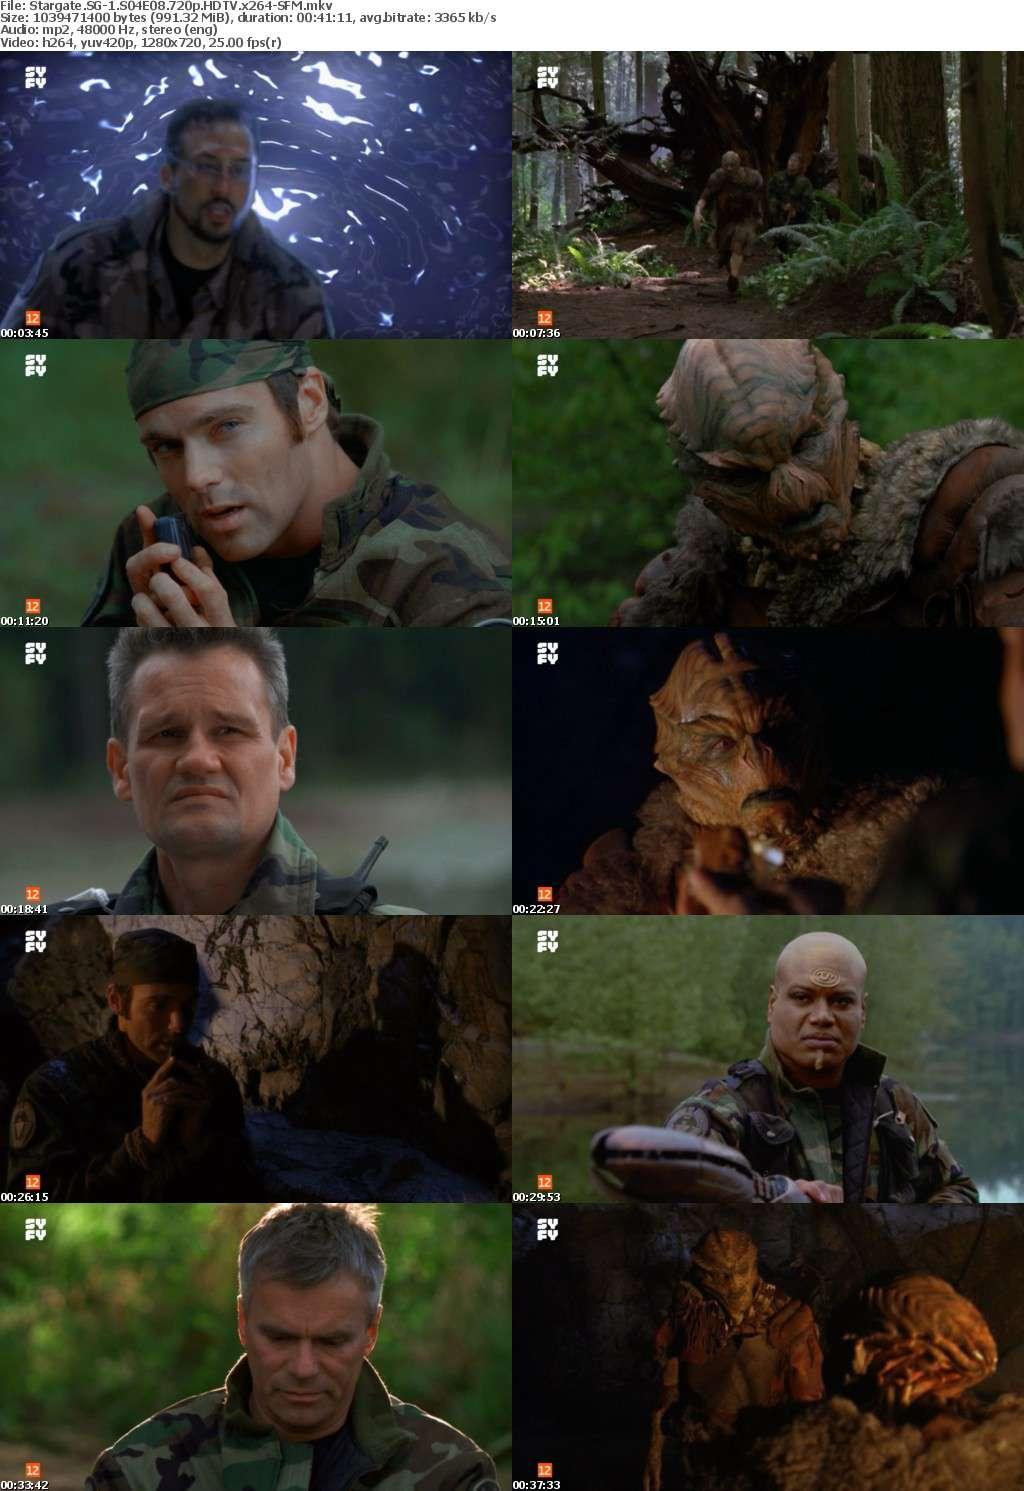 Stargate SG-1 S04E08 720p HDTV x264-SFM